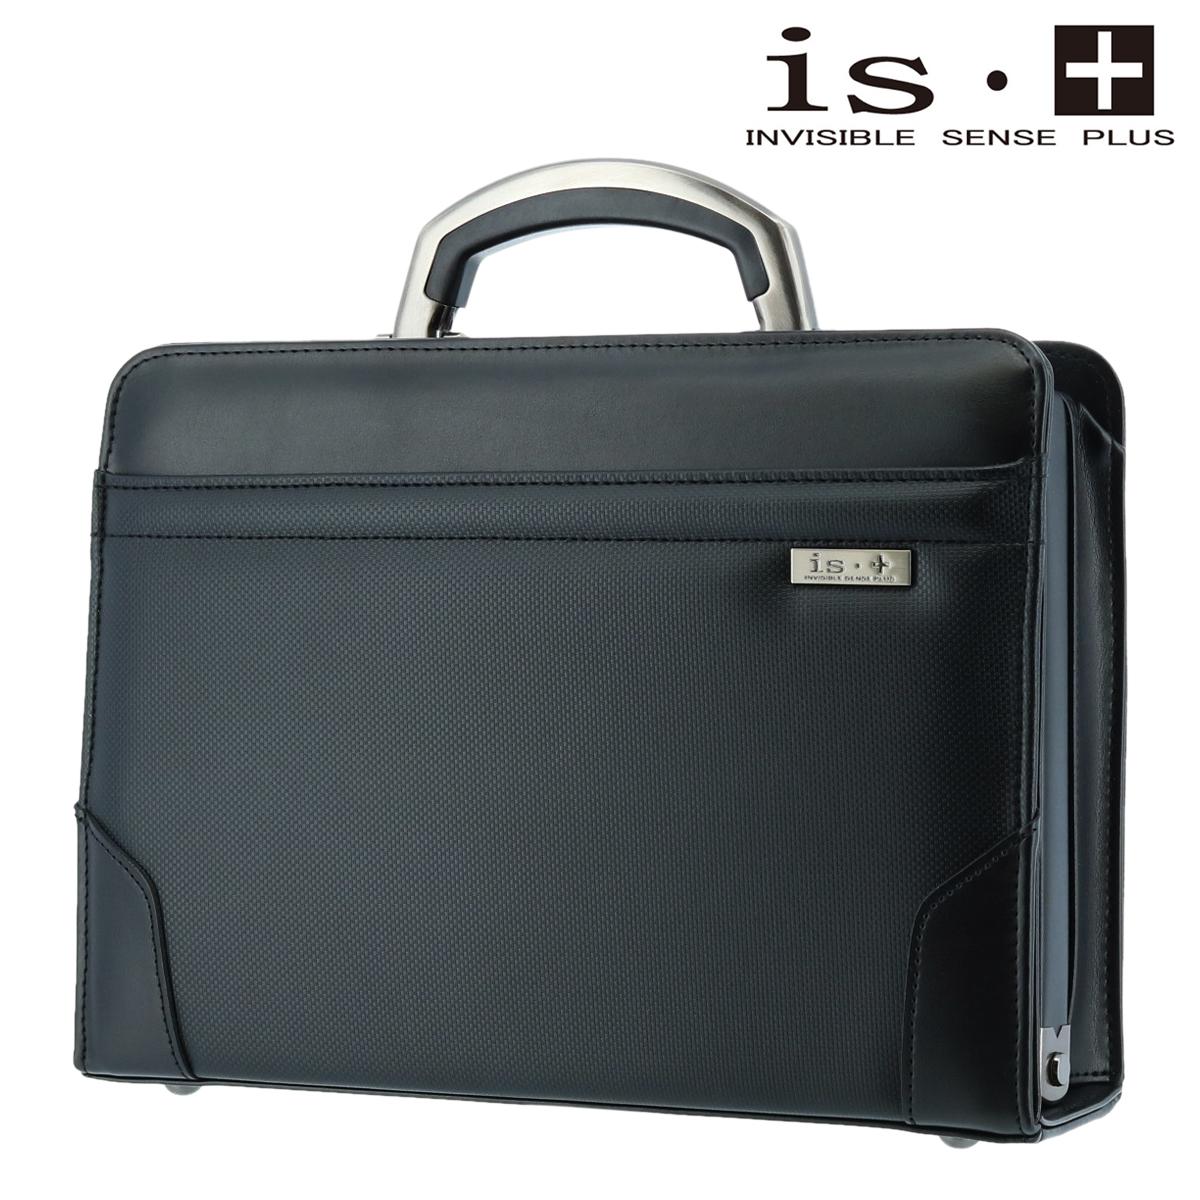 アイエスプラス ブリーフケース B5 mercury メンズ 230-1170 is+ 日本製 | ビジネスバッグ ダレスバック 撥水